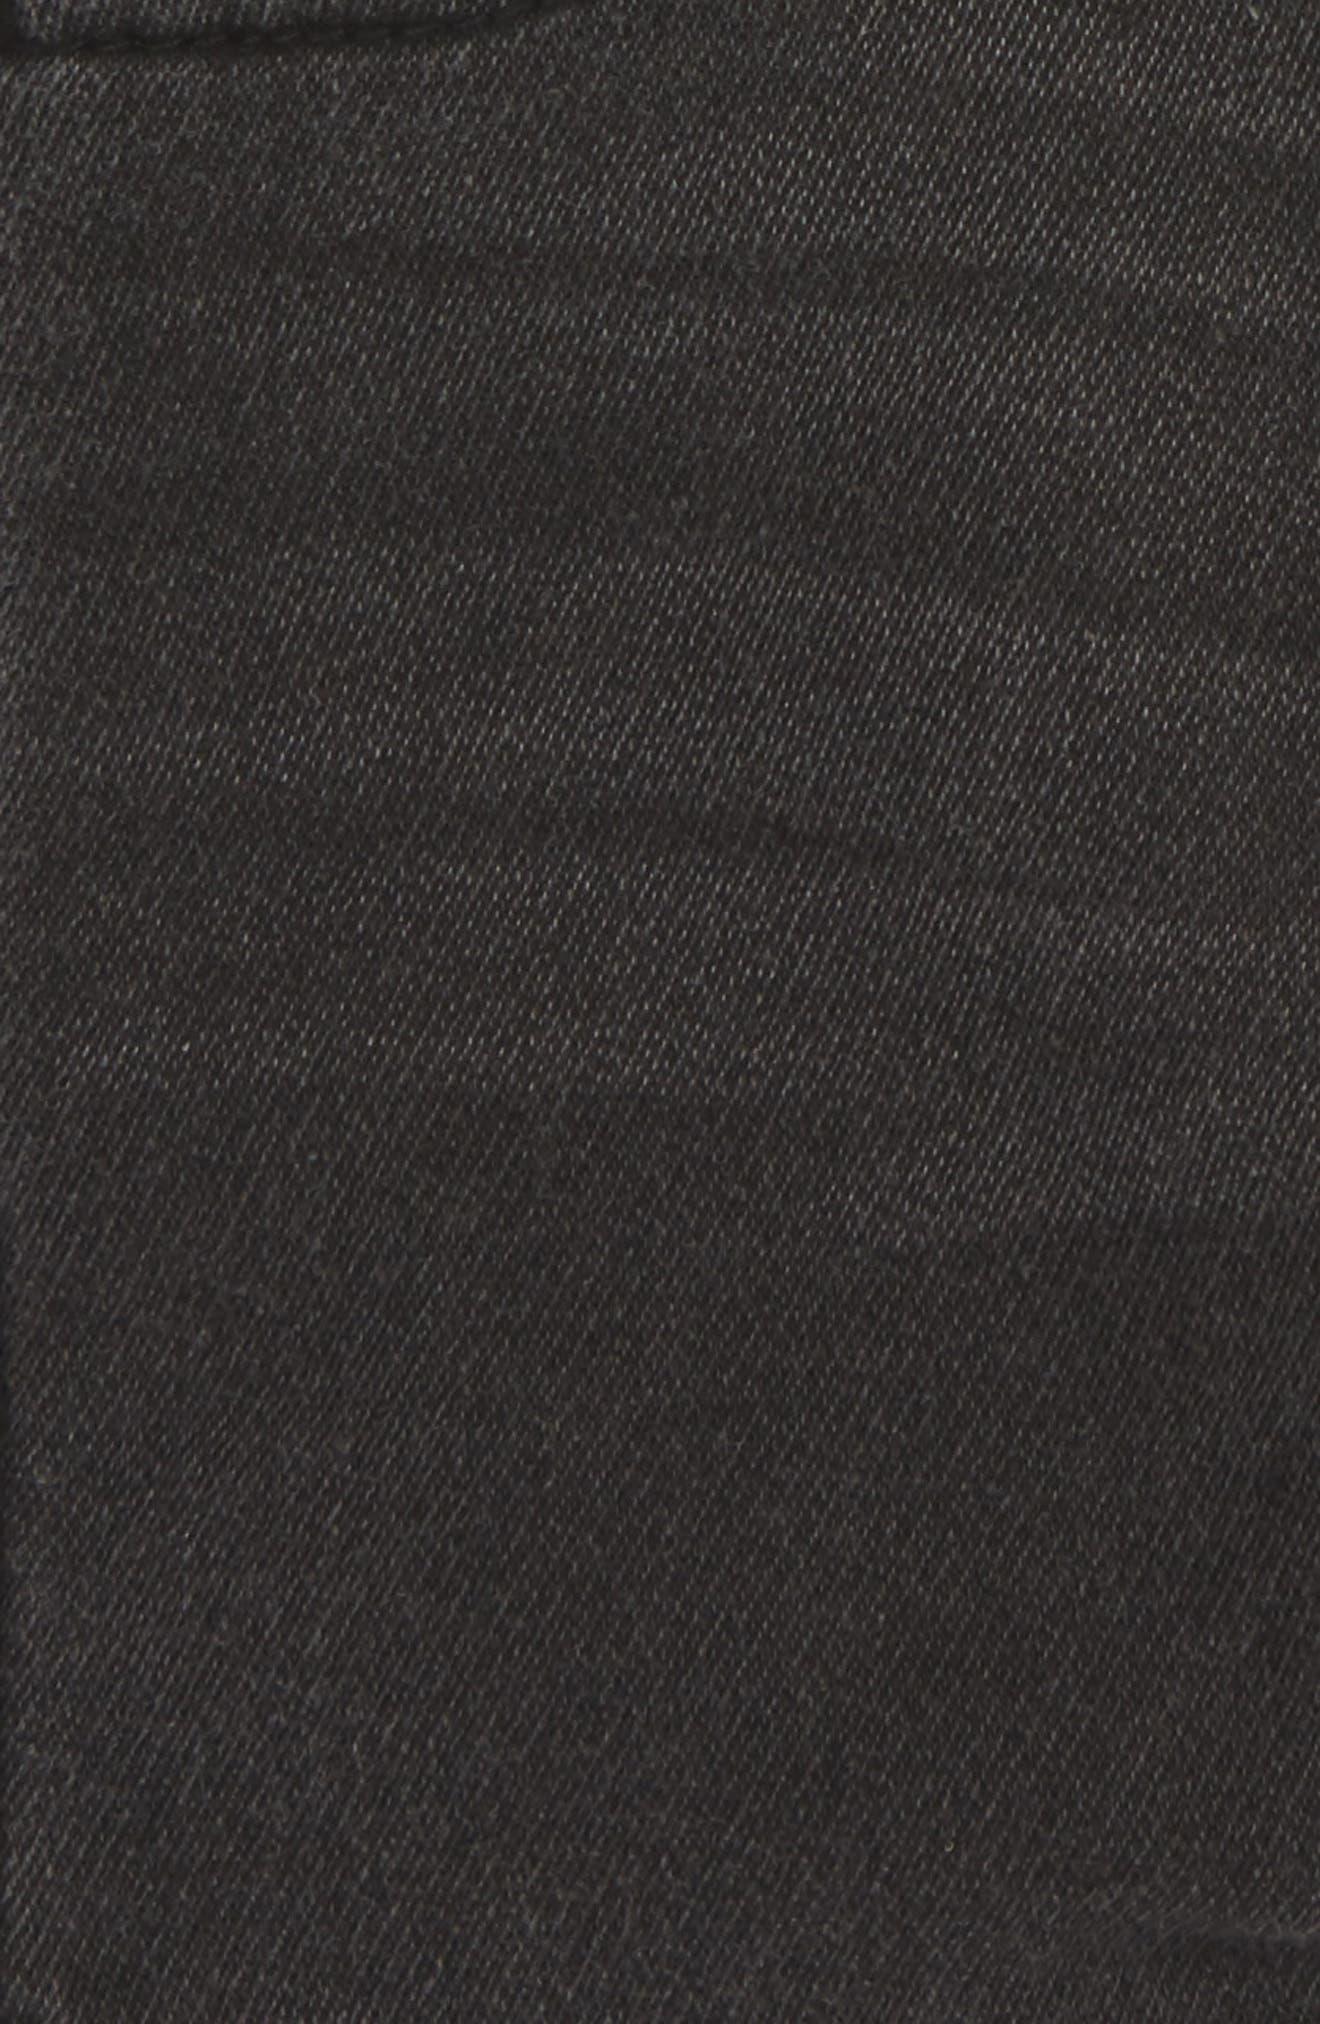 Knit Denim Shorts,                             Alternate thumbnail 2, color,                             PEBBLE GREY